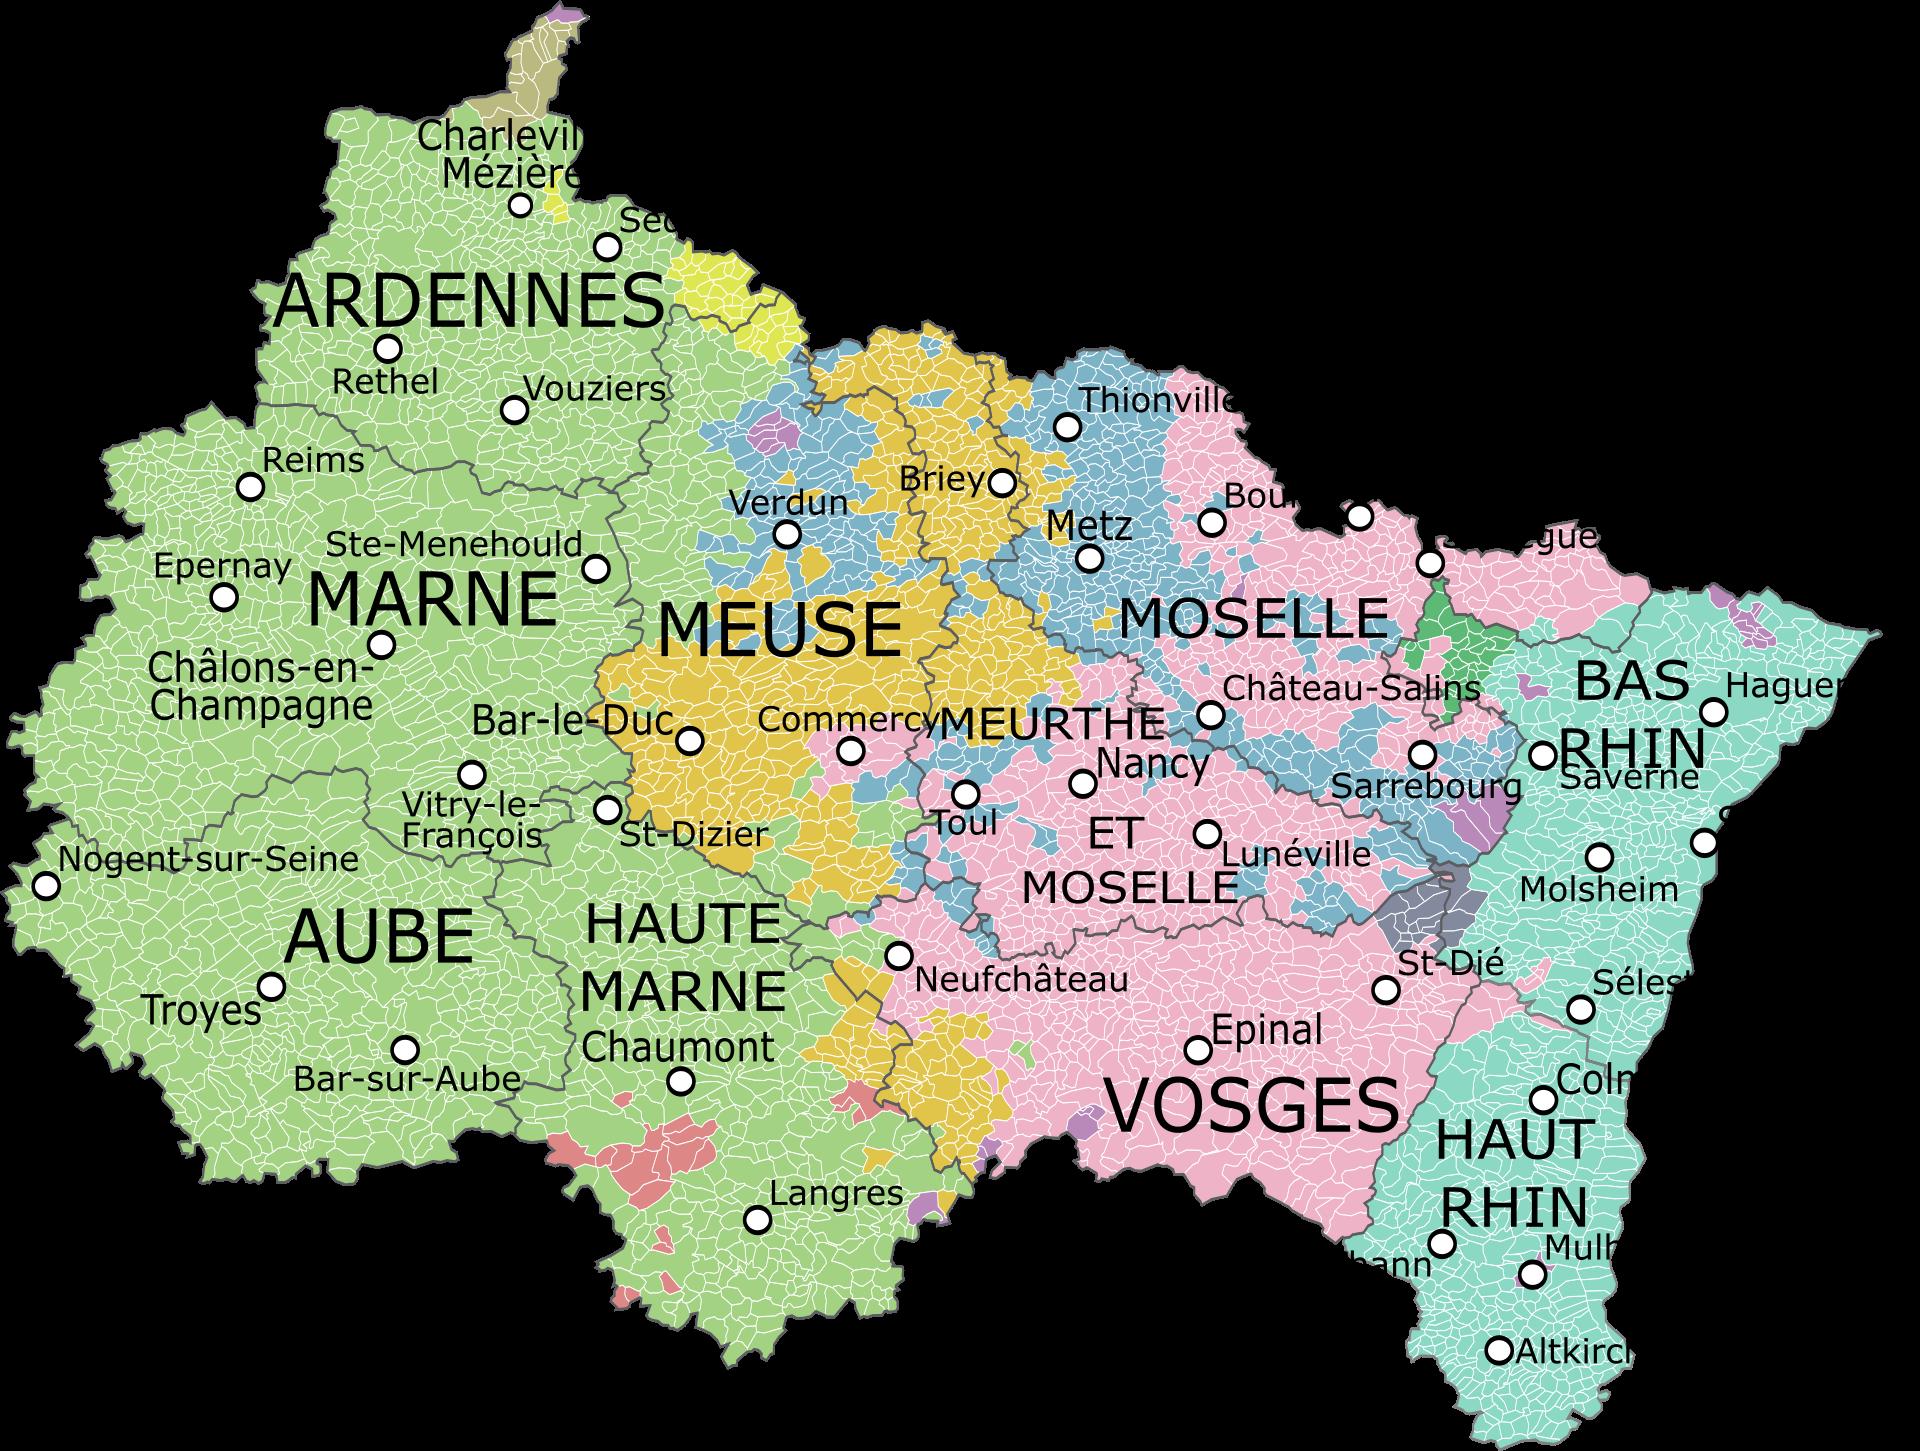 Carte de la région avec ses départements, montrant les provinces.